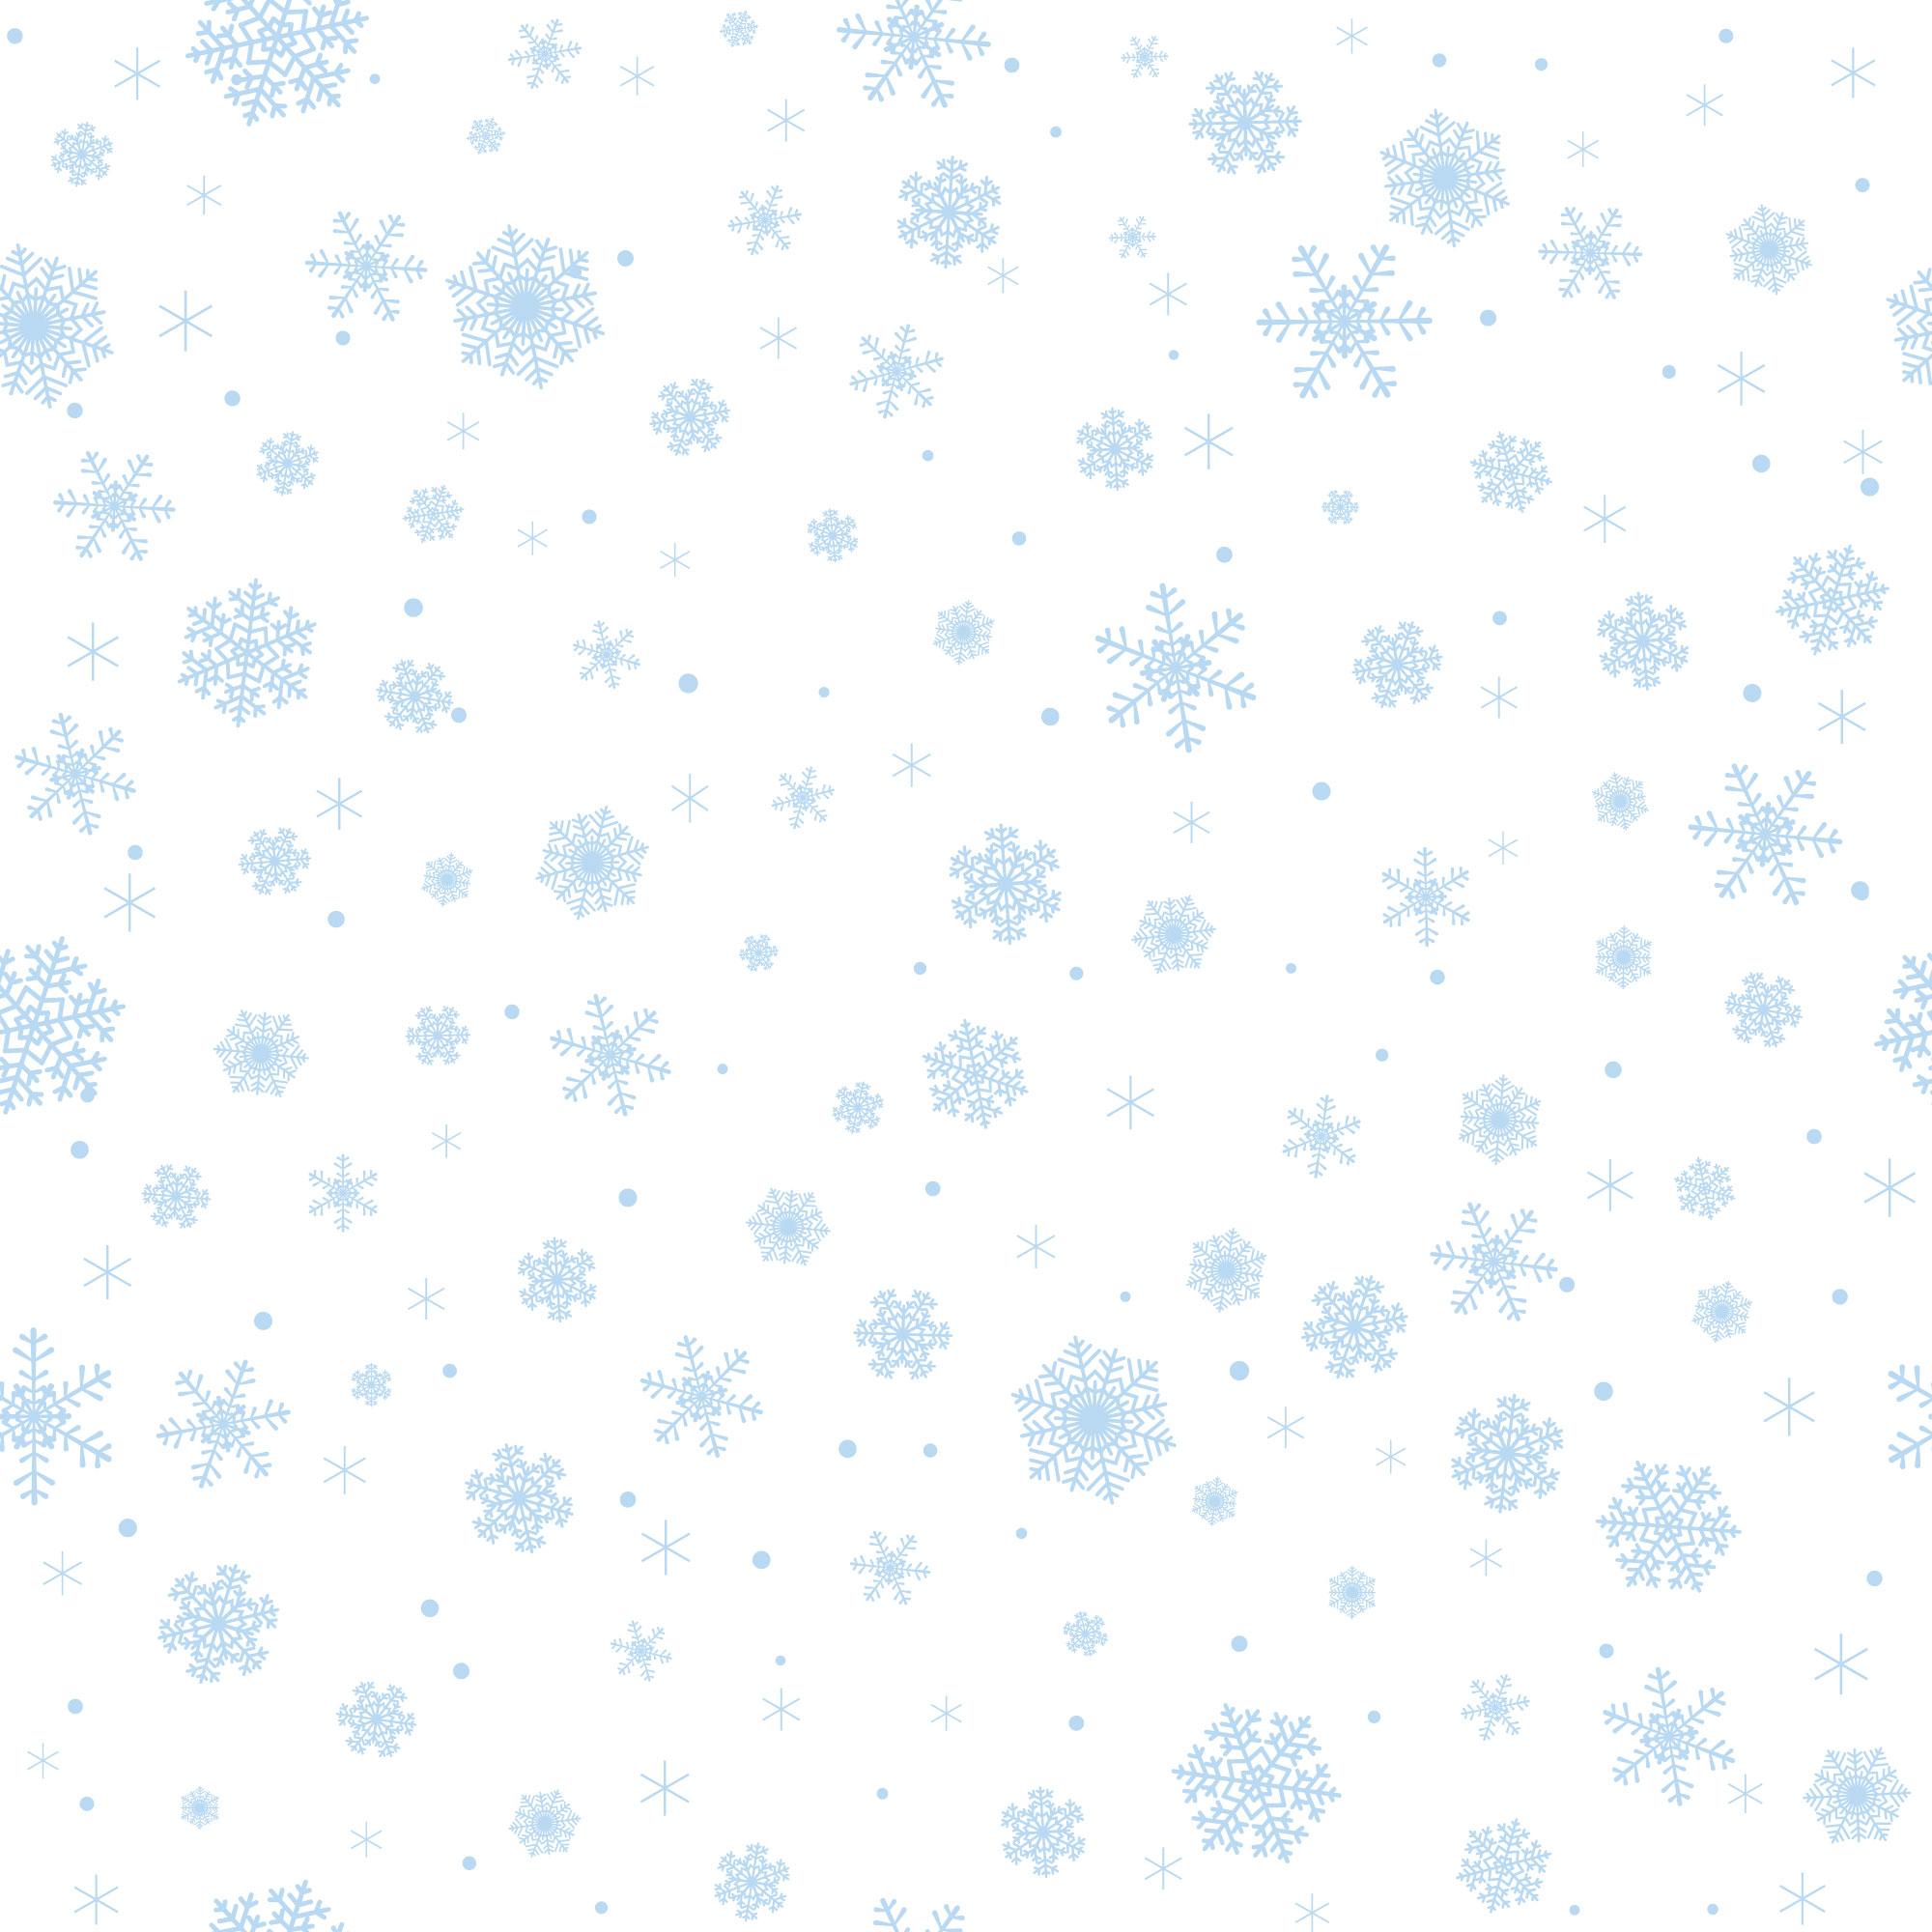 冬のイラストno.229『雪の結晶パターン』/無料のフリー素材集【花鳥風月】